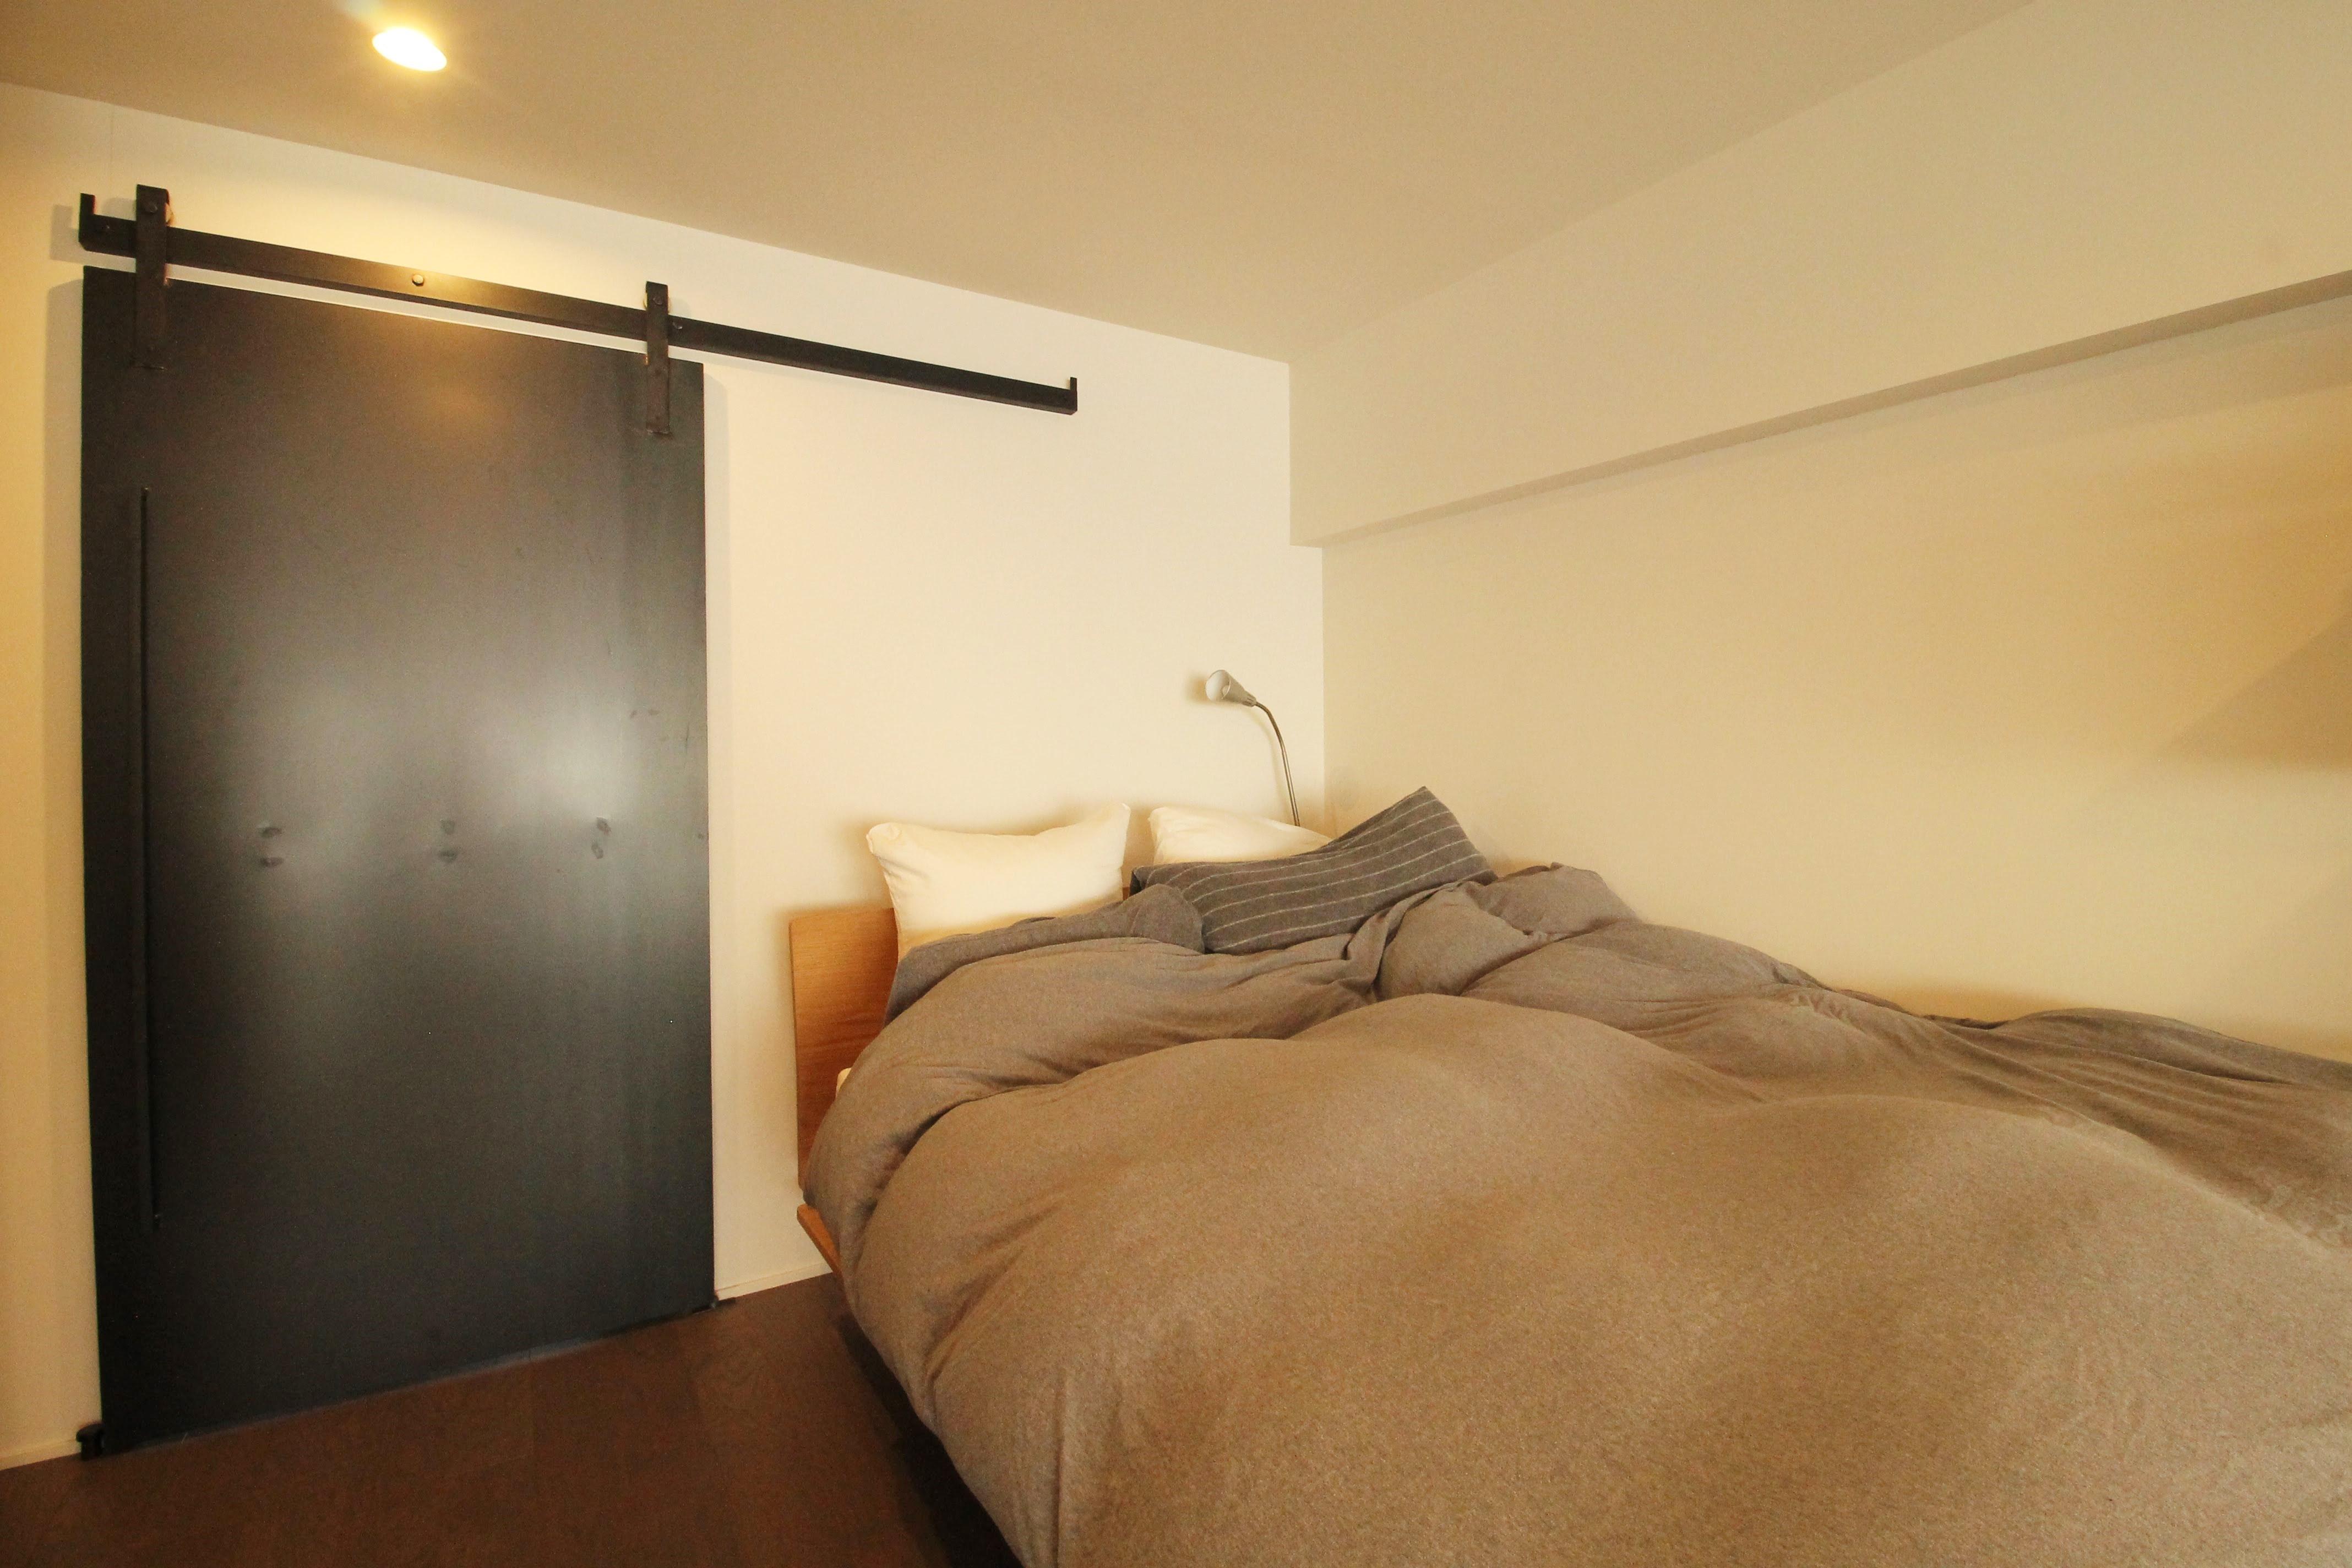 ベッドルーム事例:ベッドルーム(動線を追求した最上級の暮らし)